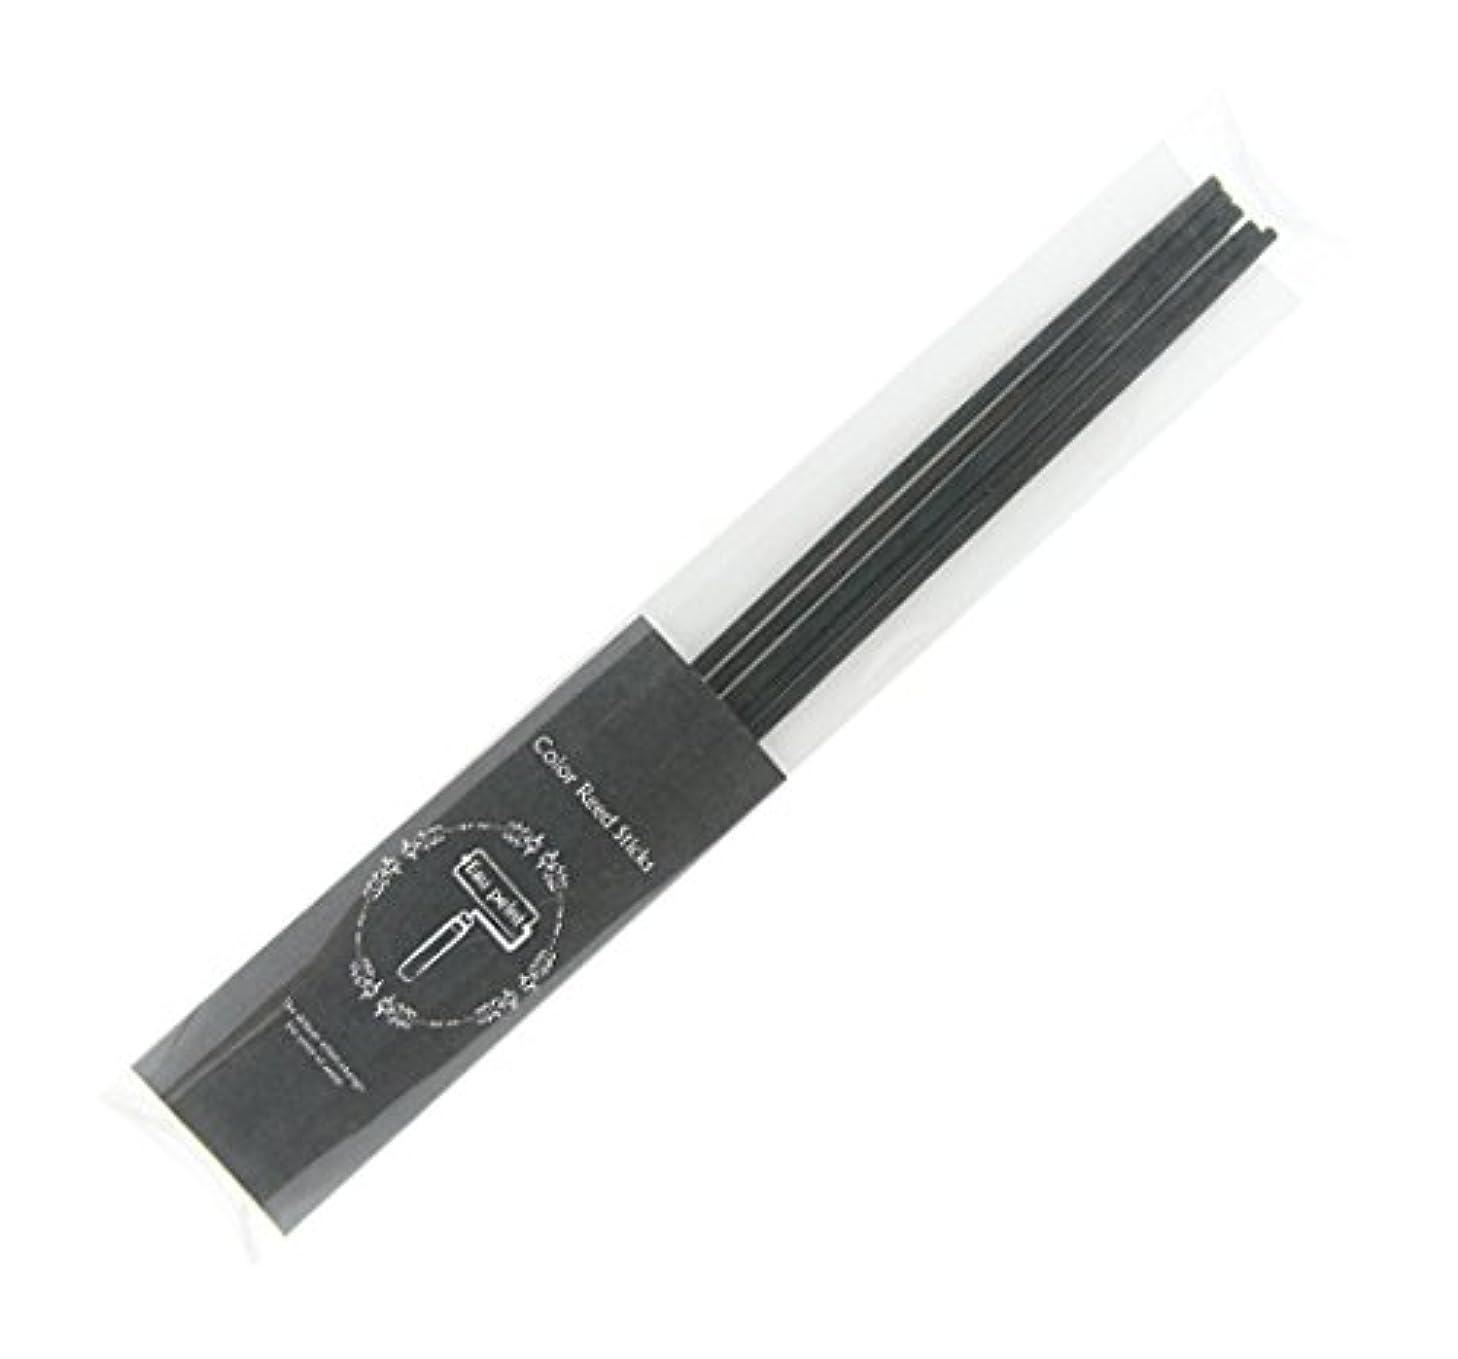 賛美歌安定良性Eau peint mais+ カラースティック リードディフューザー用スティック 5本入 ブラック Black オーペイント マイス